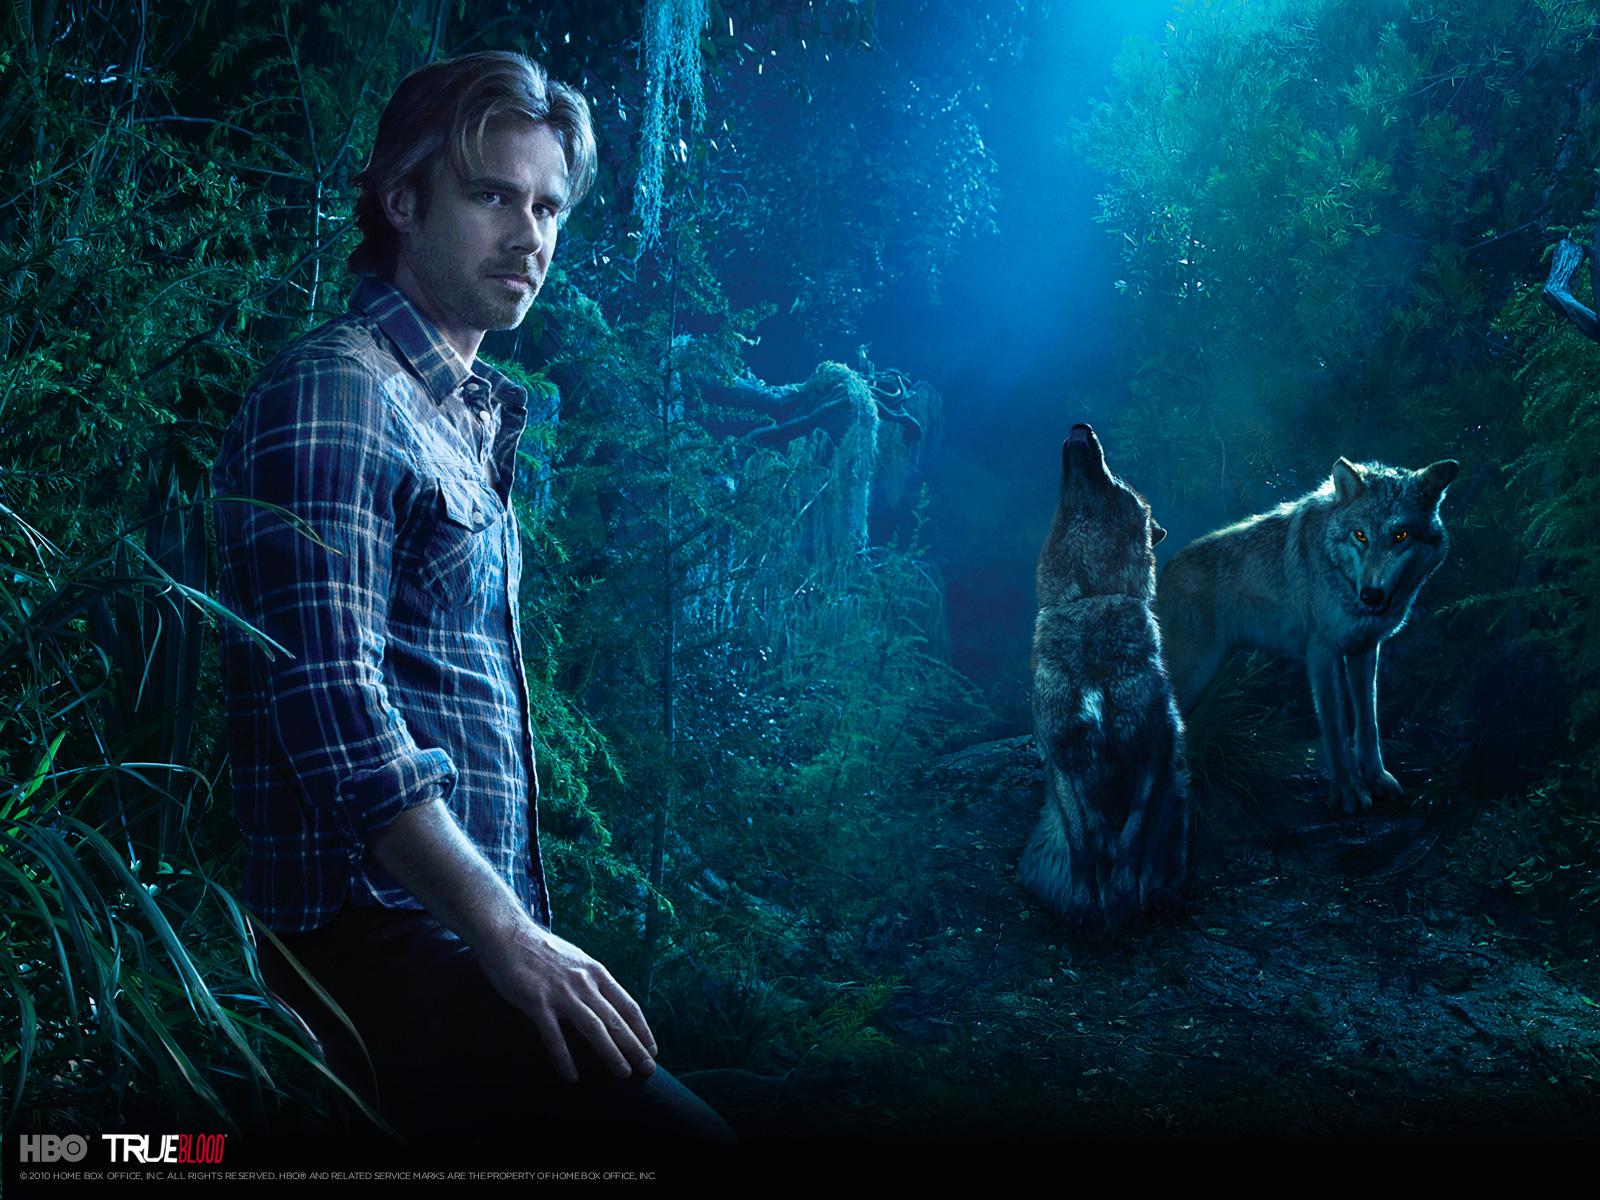 true blood season 3 download free